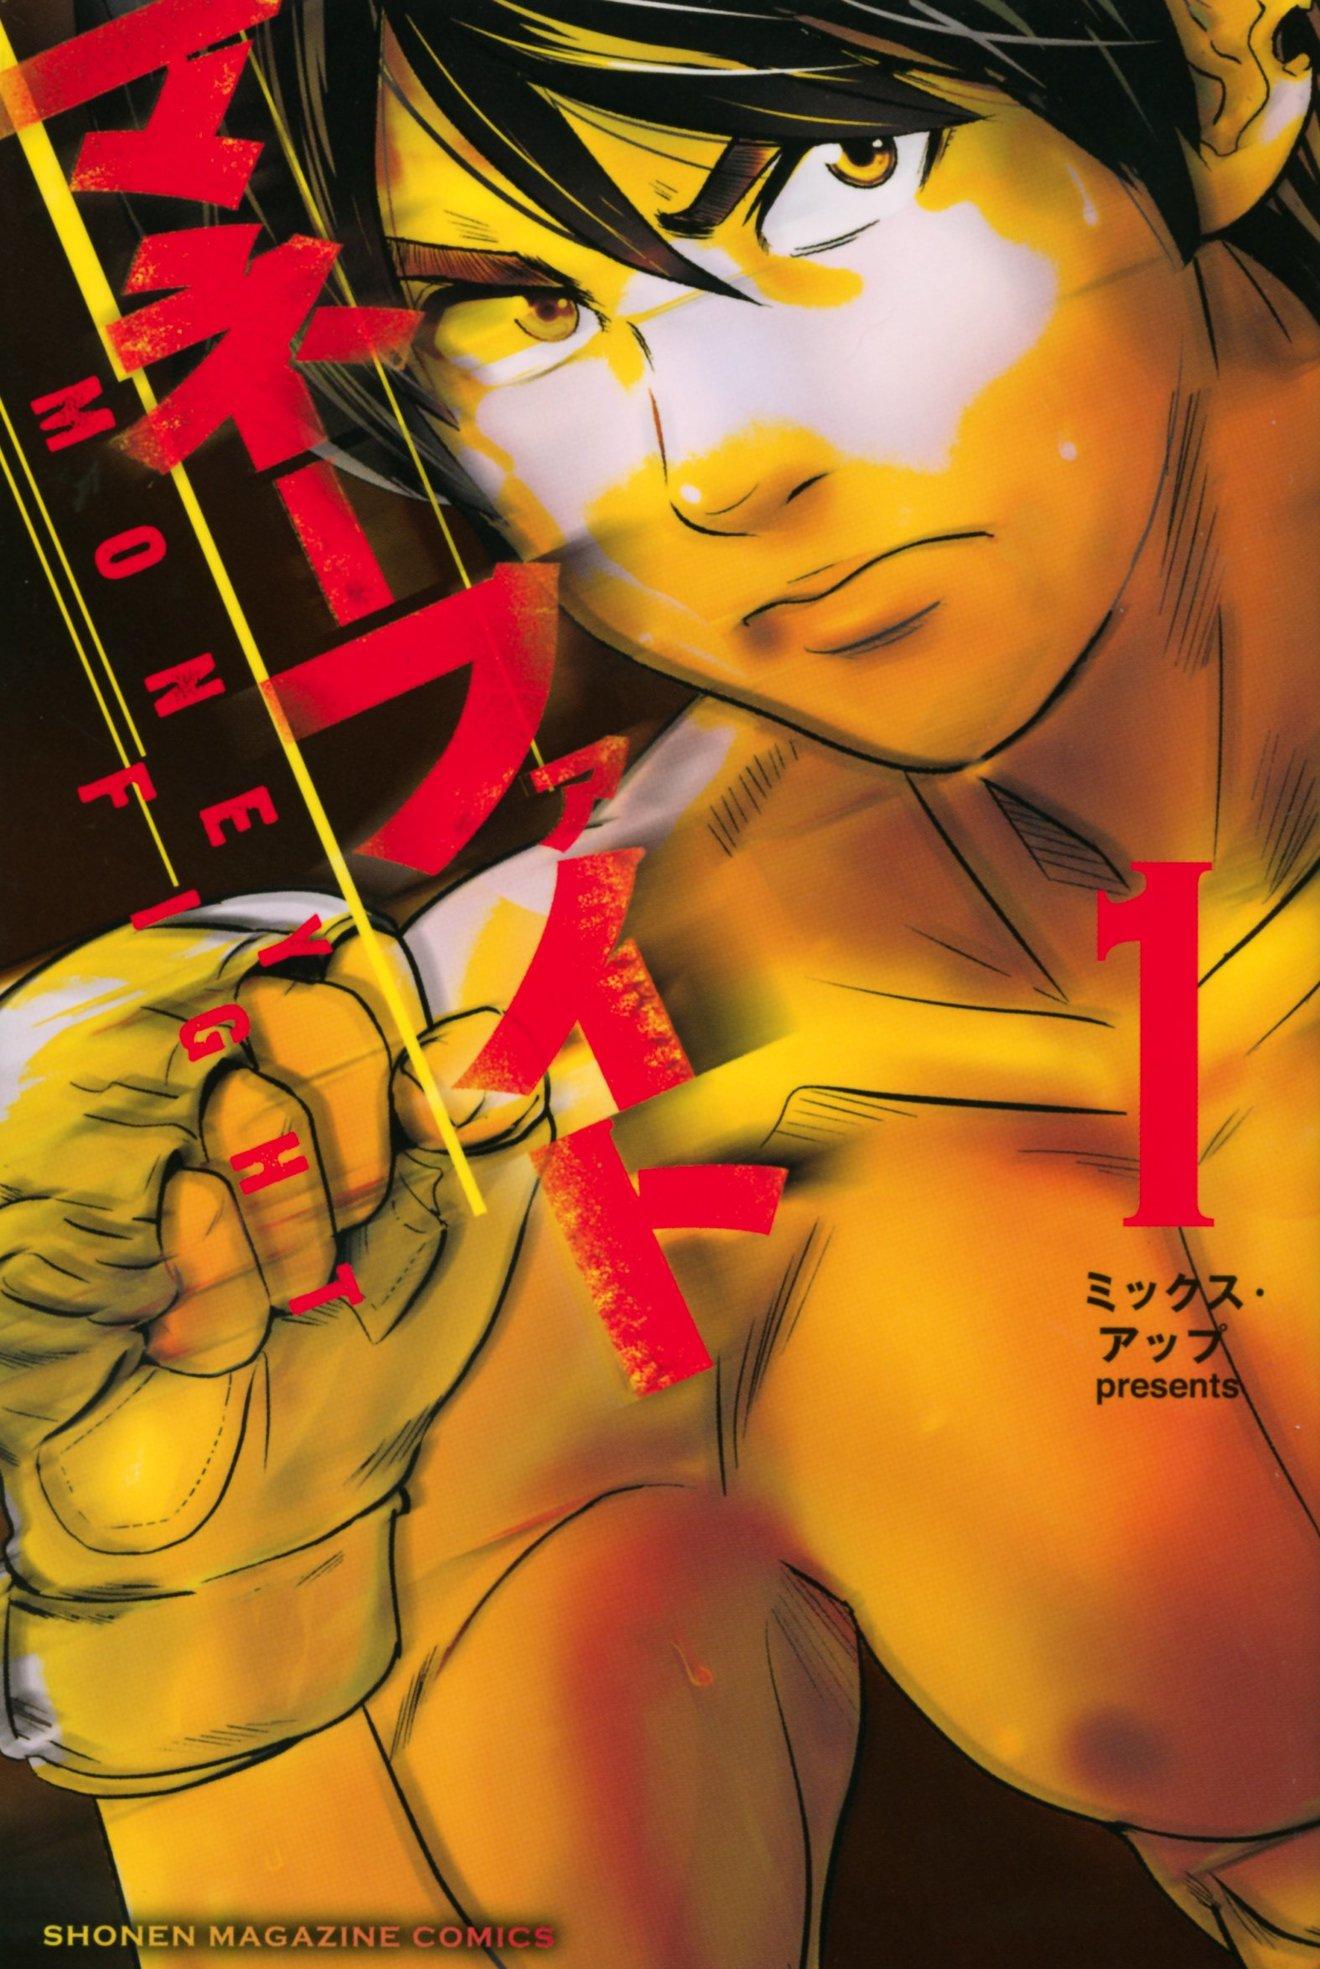 『マネーファイト』全巻ネタバレ紹介!元ひきこもりニートの格闘技漫画